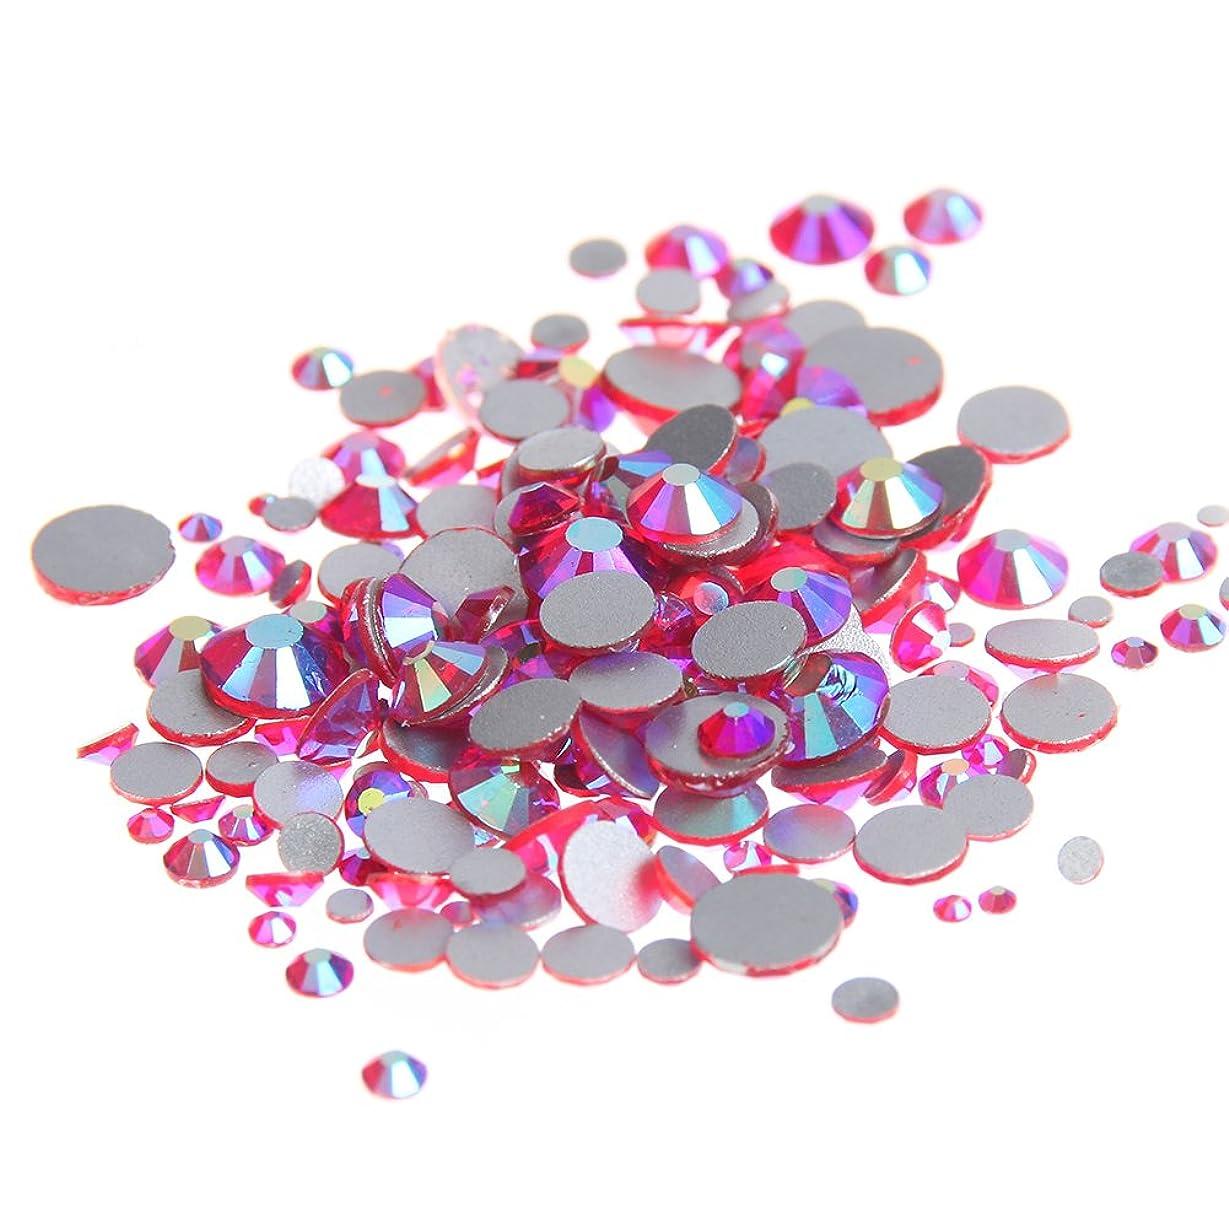 付属品スライス君主制Nizi ジュエリー ブランド ライトシャムオーロラ ラインストーン は ガラスの材質 ネイル使用 型番ss3-ss30 (SS16 1440pcs)